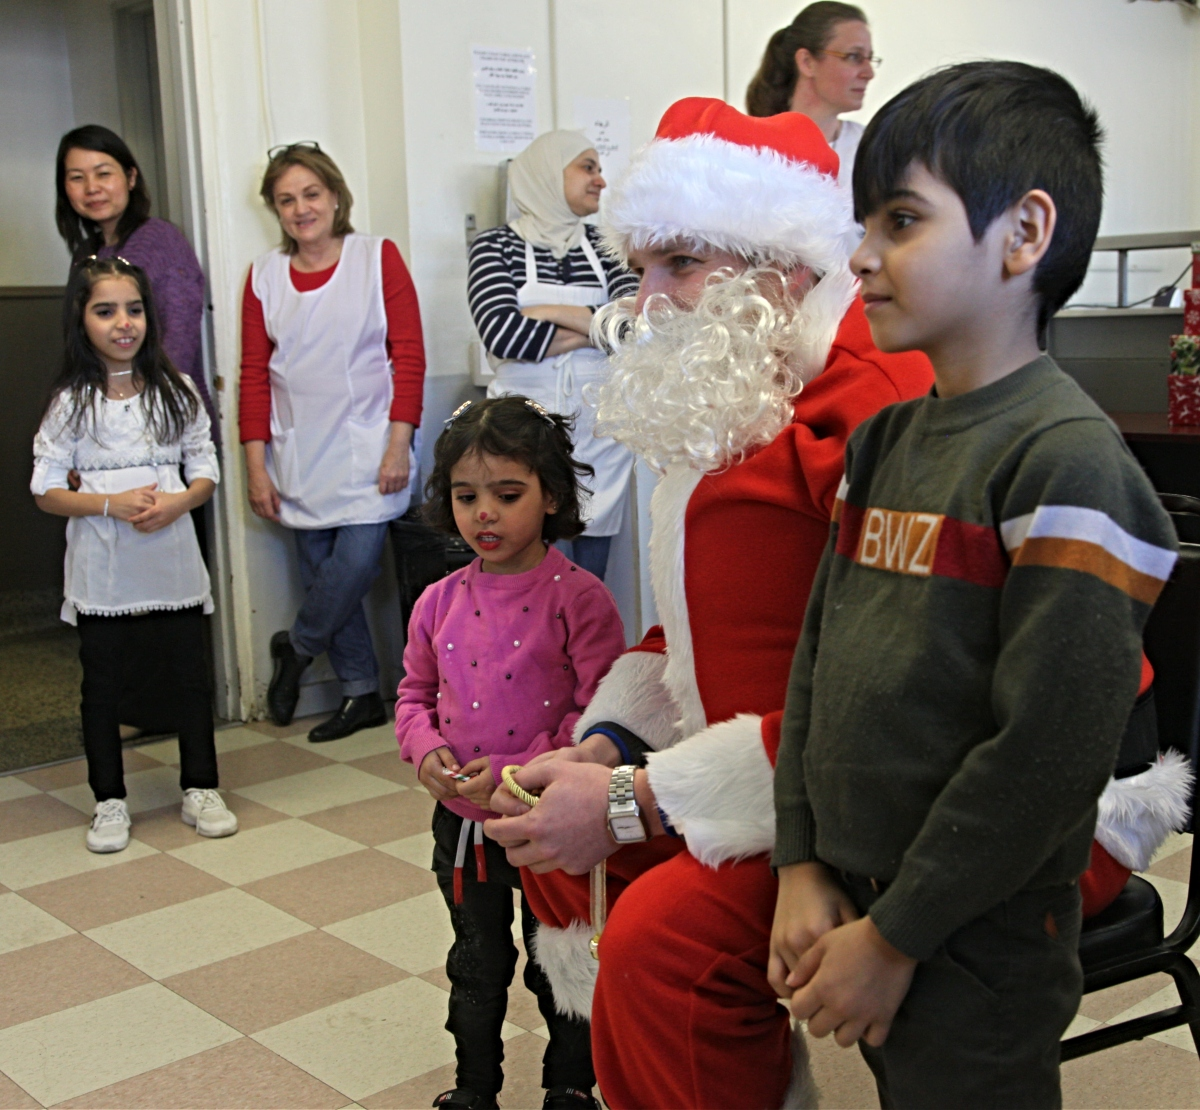 Tw children pose with Santa Claus